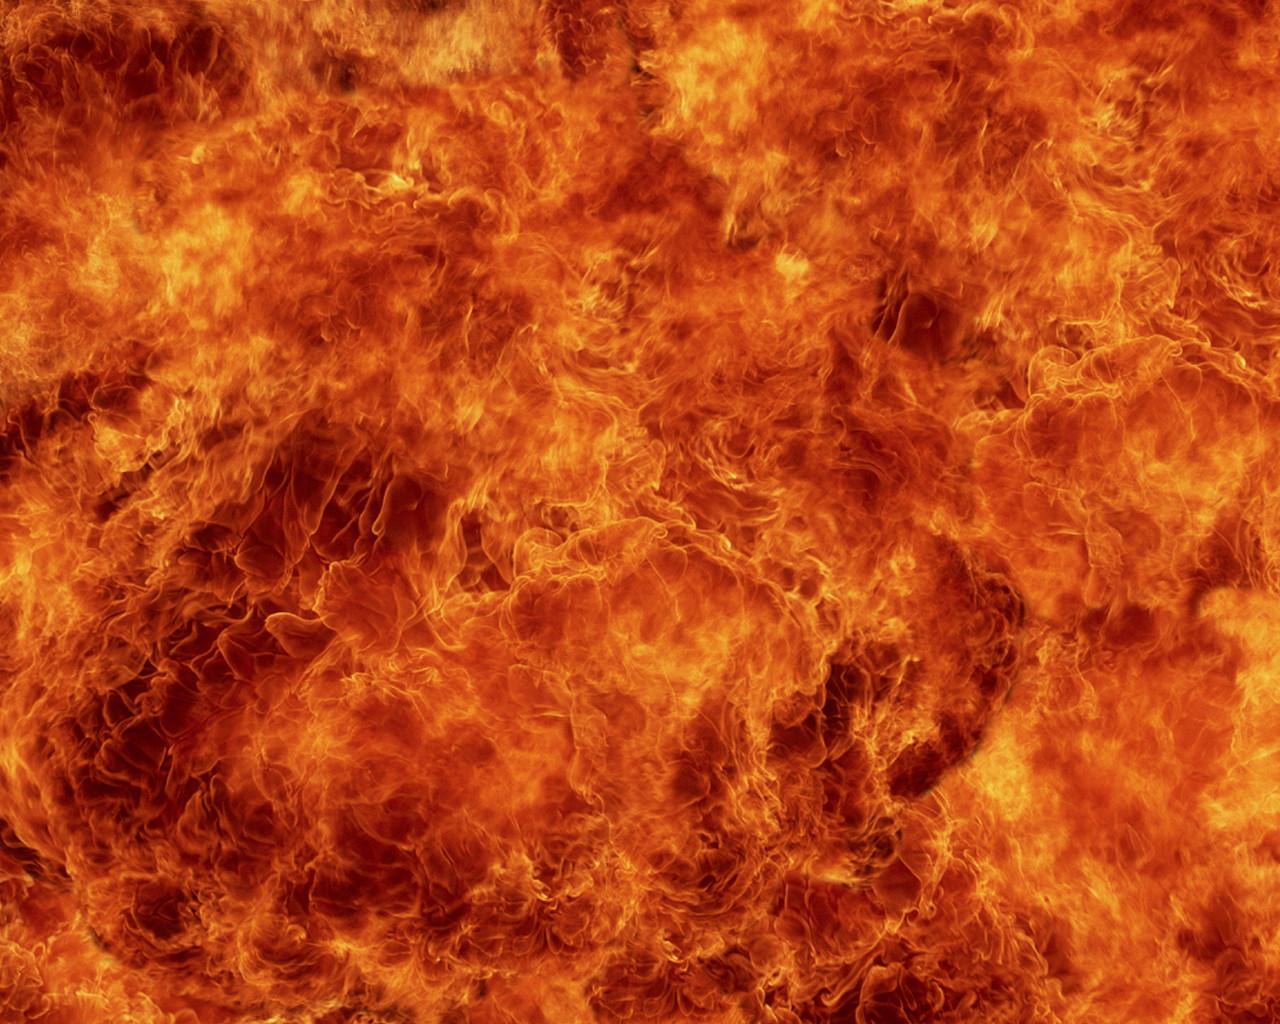 http://4.bp.blogspot.com/_bw_jEc_jY10/Swo2_k0RDkI/AAAAAAAAAKg/1vssHRH-QaU/s1600/Fire.jpg